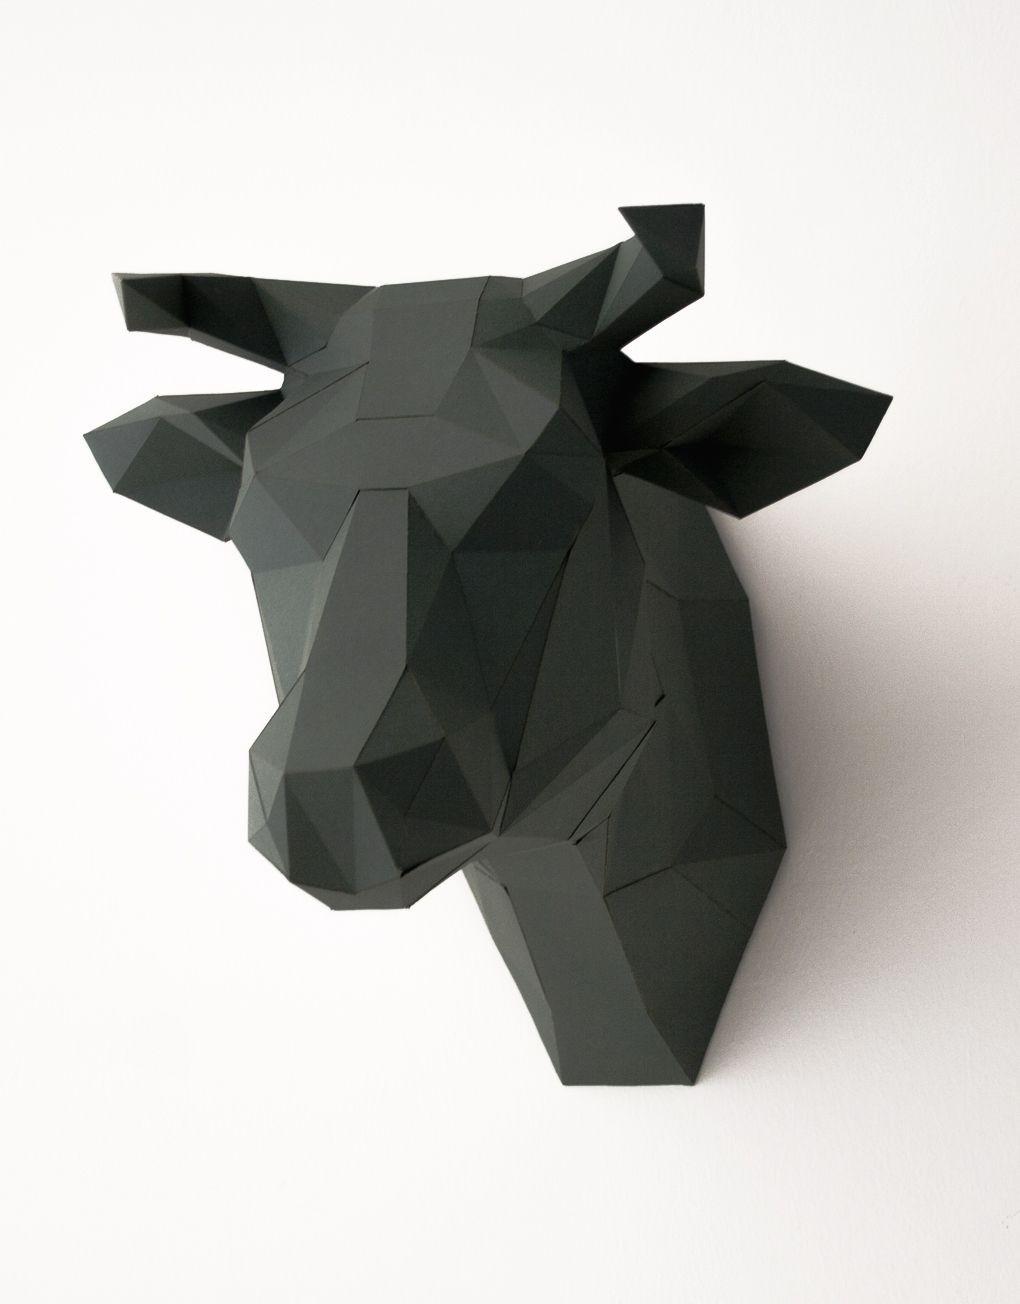 Papercraft Bear Bastelset Papier Trophäe Kuhkopf